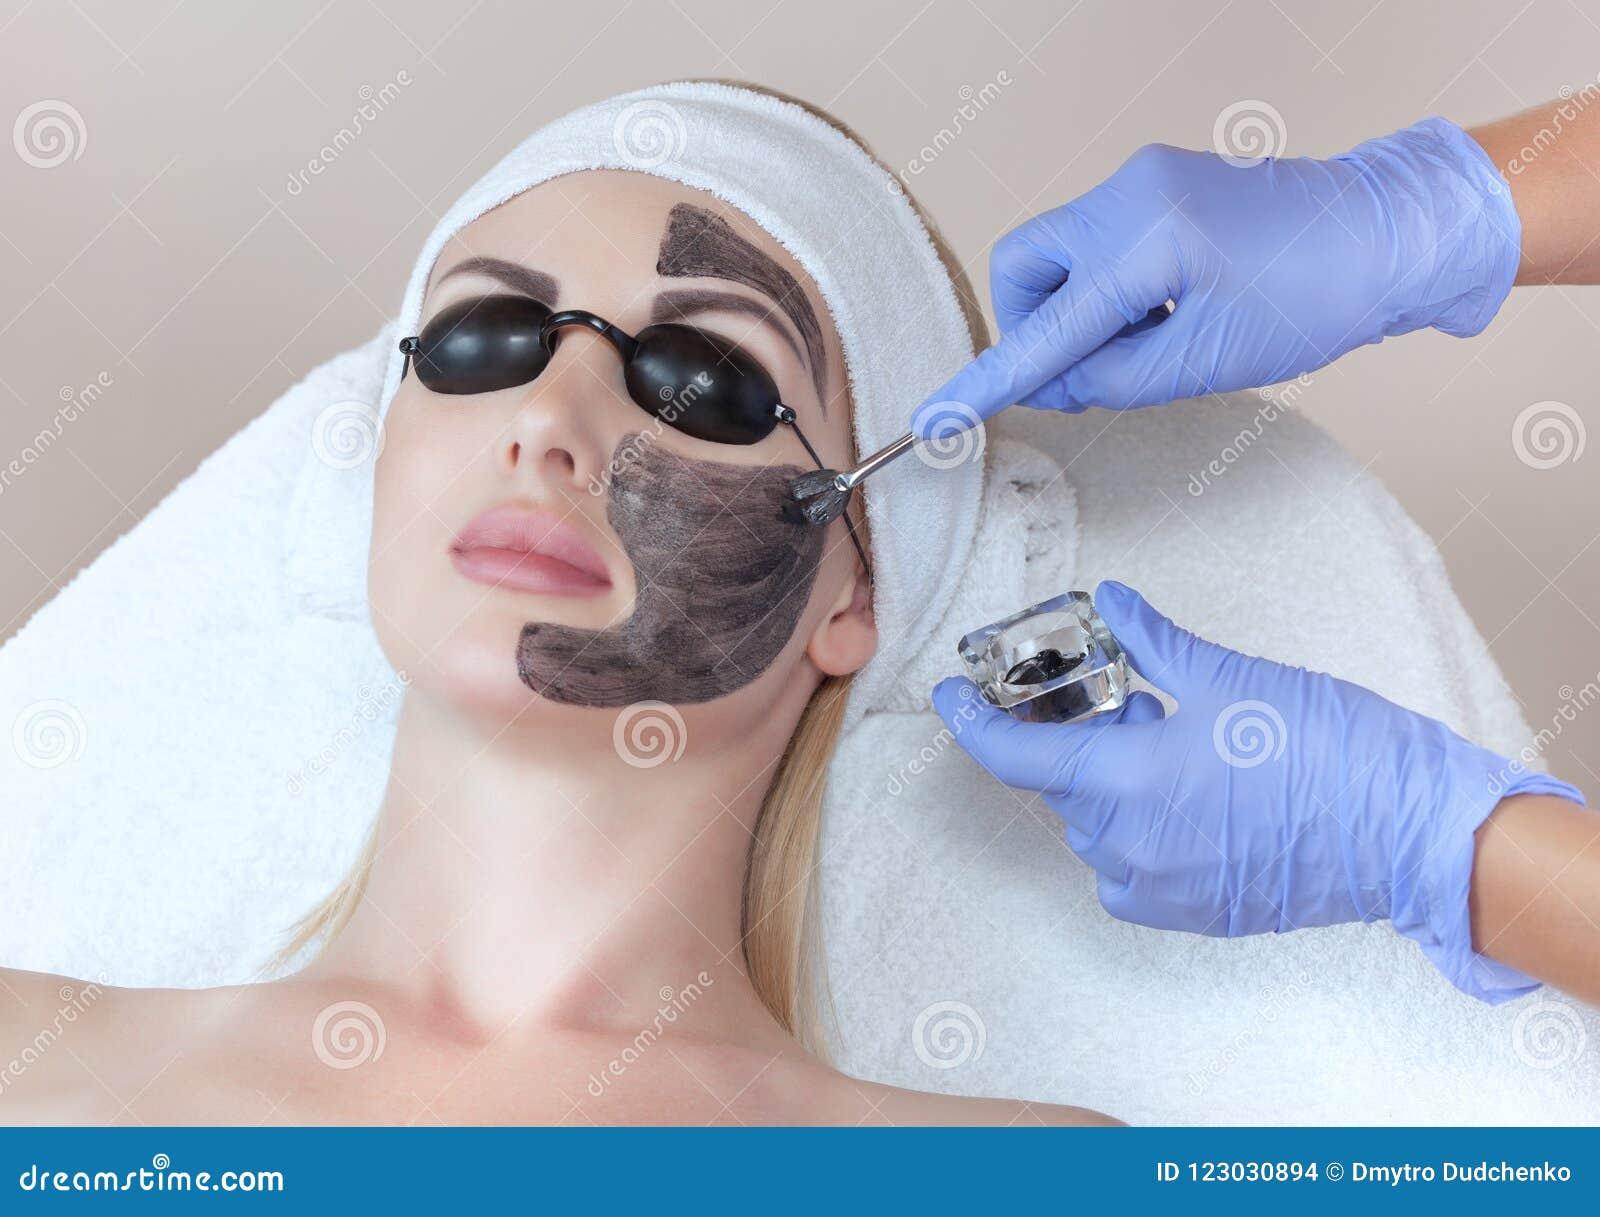 Procedimiento de la peladura de la cara de carbono en un salón de belleza Cosmetología del hardware